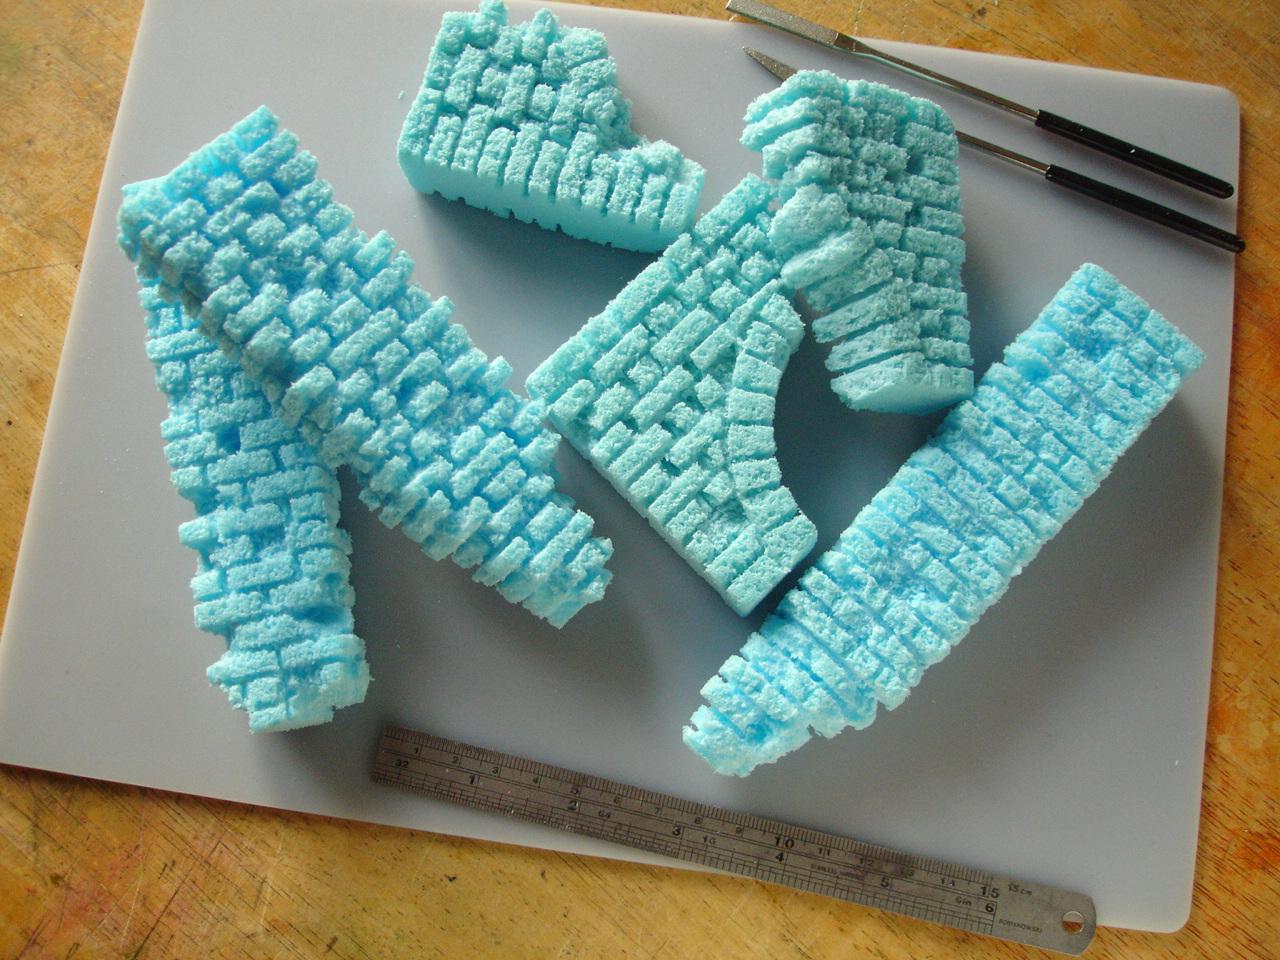 styrofoam 'ruin' fragments